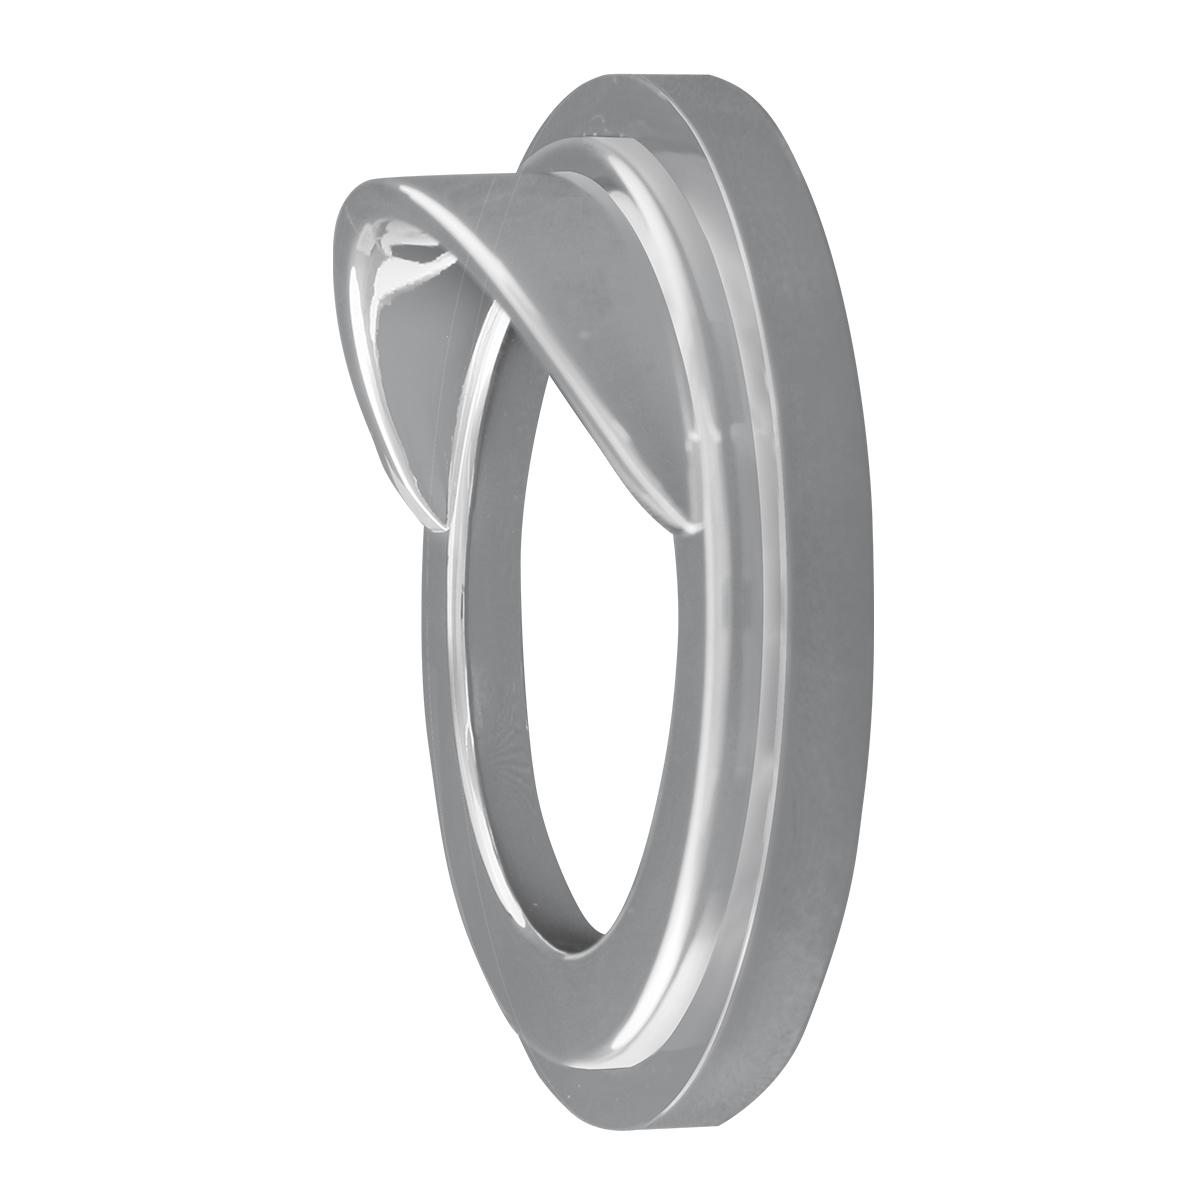 Chrome Plastic Gauge Cover w/ Visor for FL